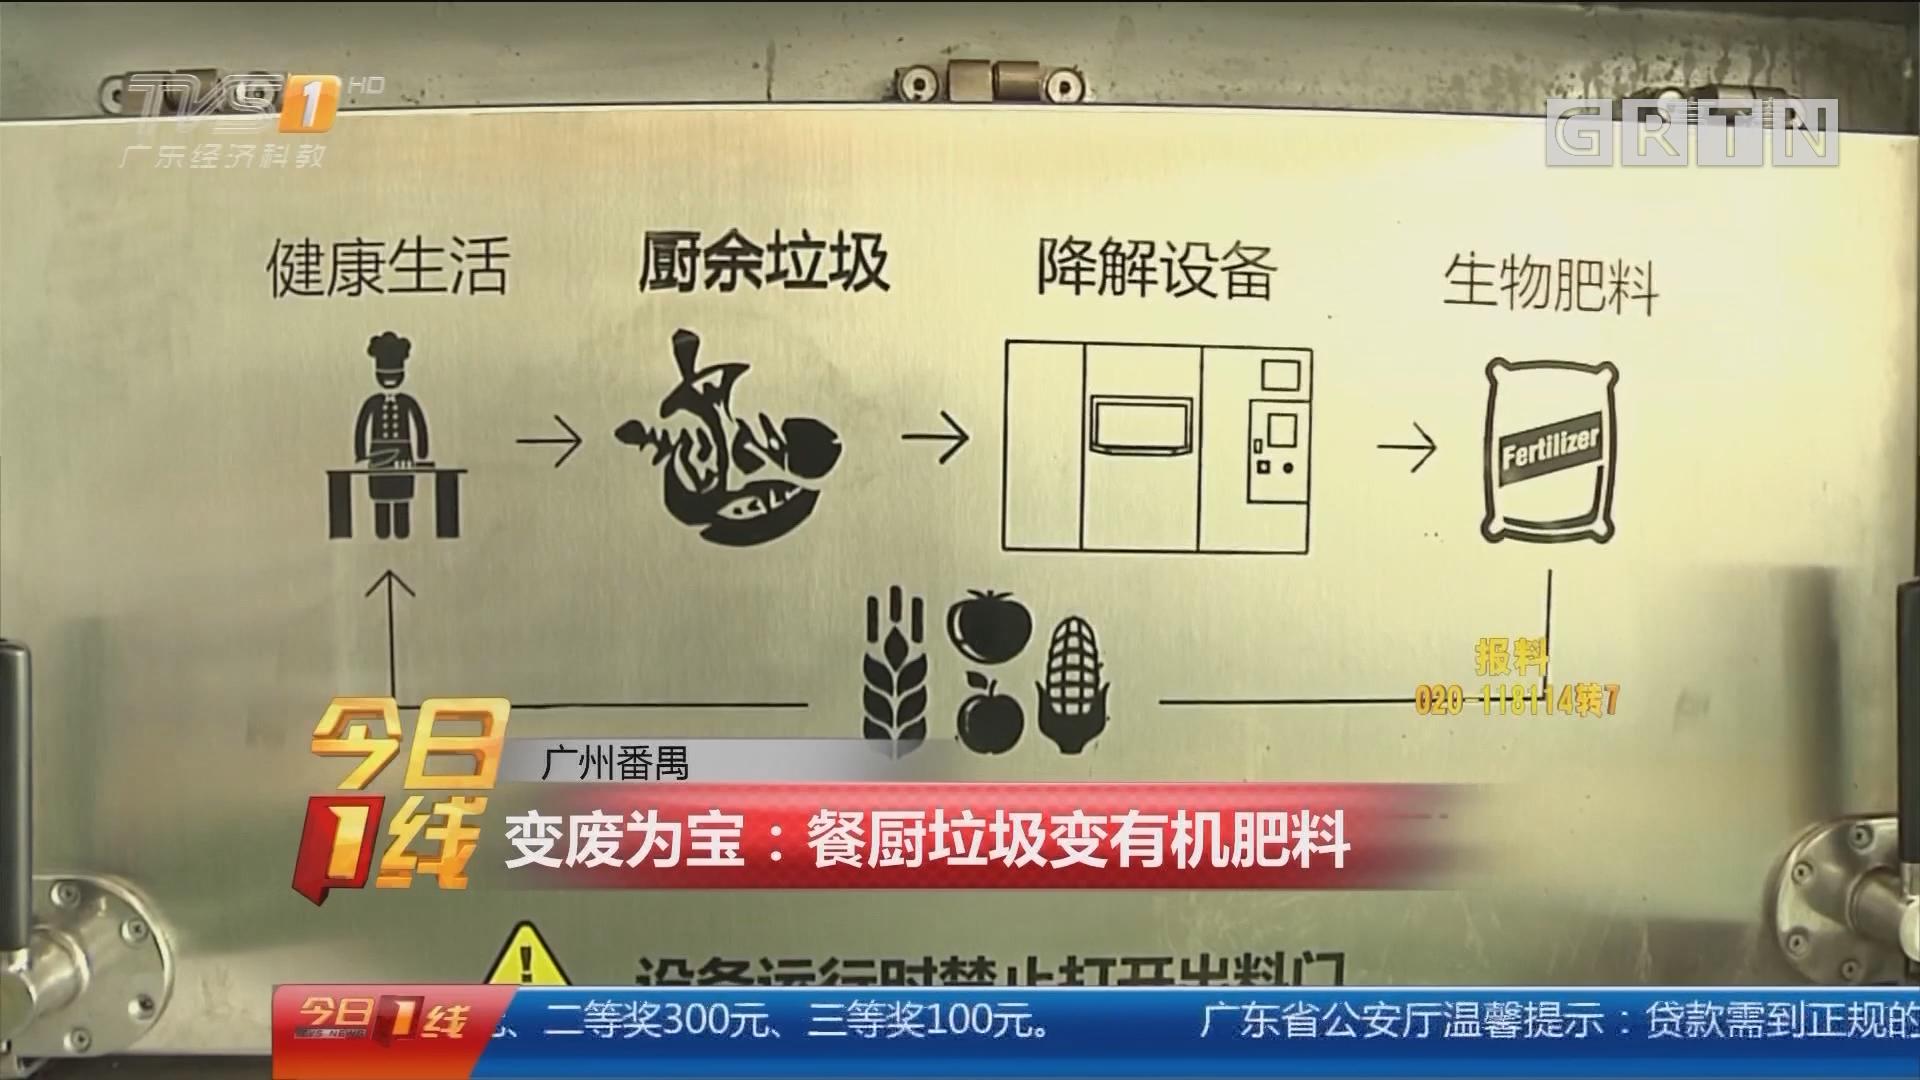 广州番禺 变废为宝:餐厨垃圾变有机肥料